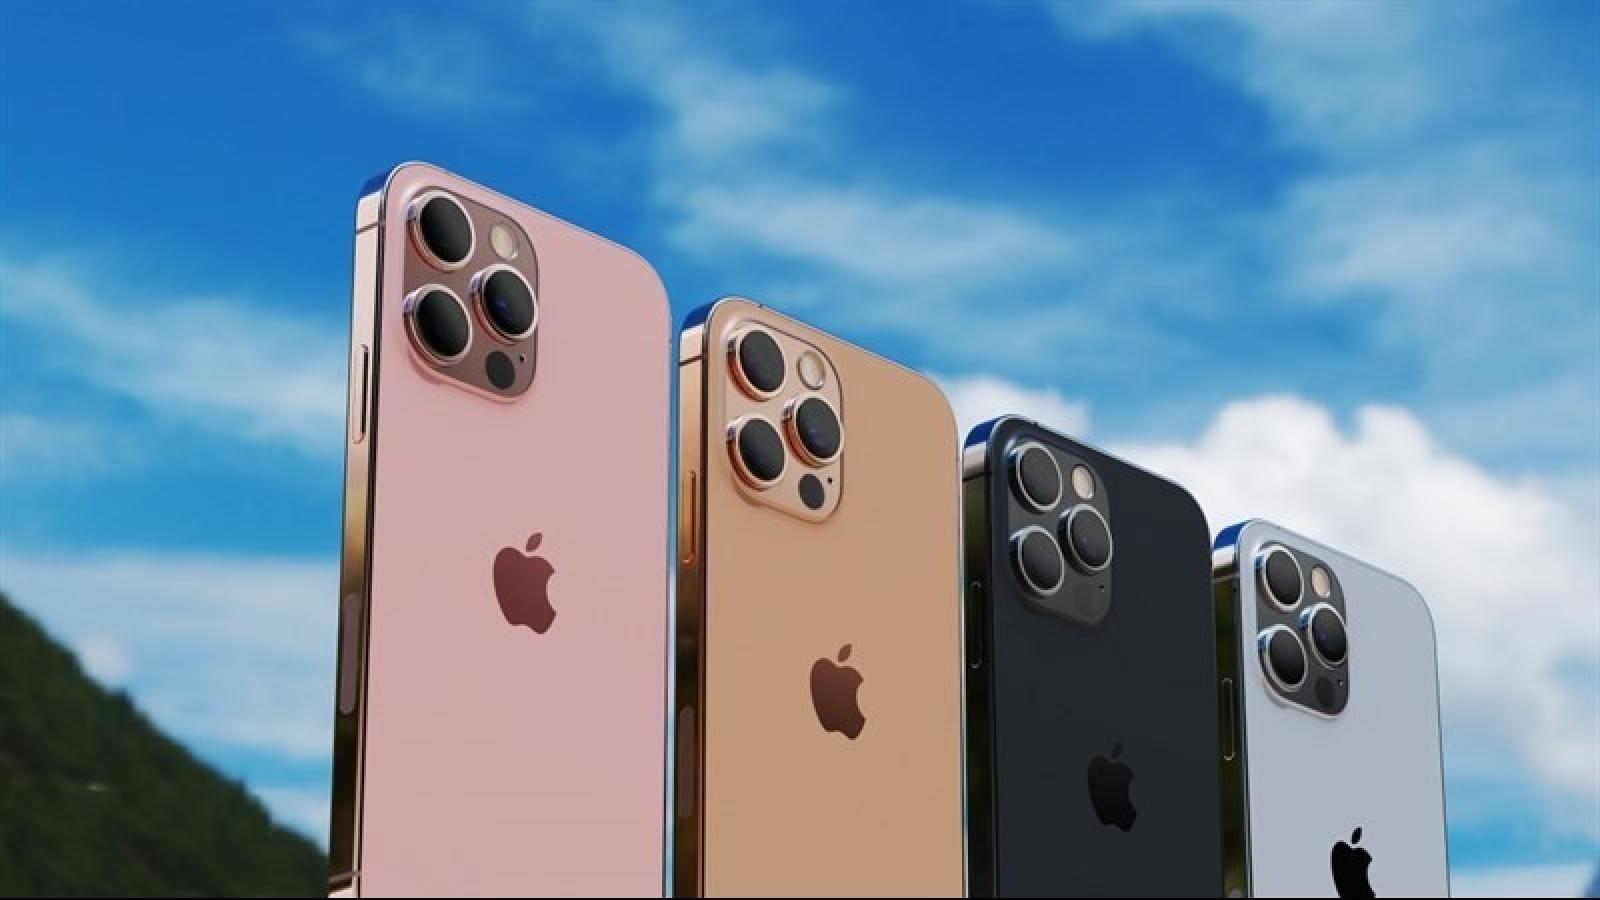 Các tùy chọn màu sắc và bộ nhớ trong iPhone 13 được tiết lộ?